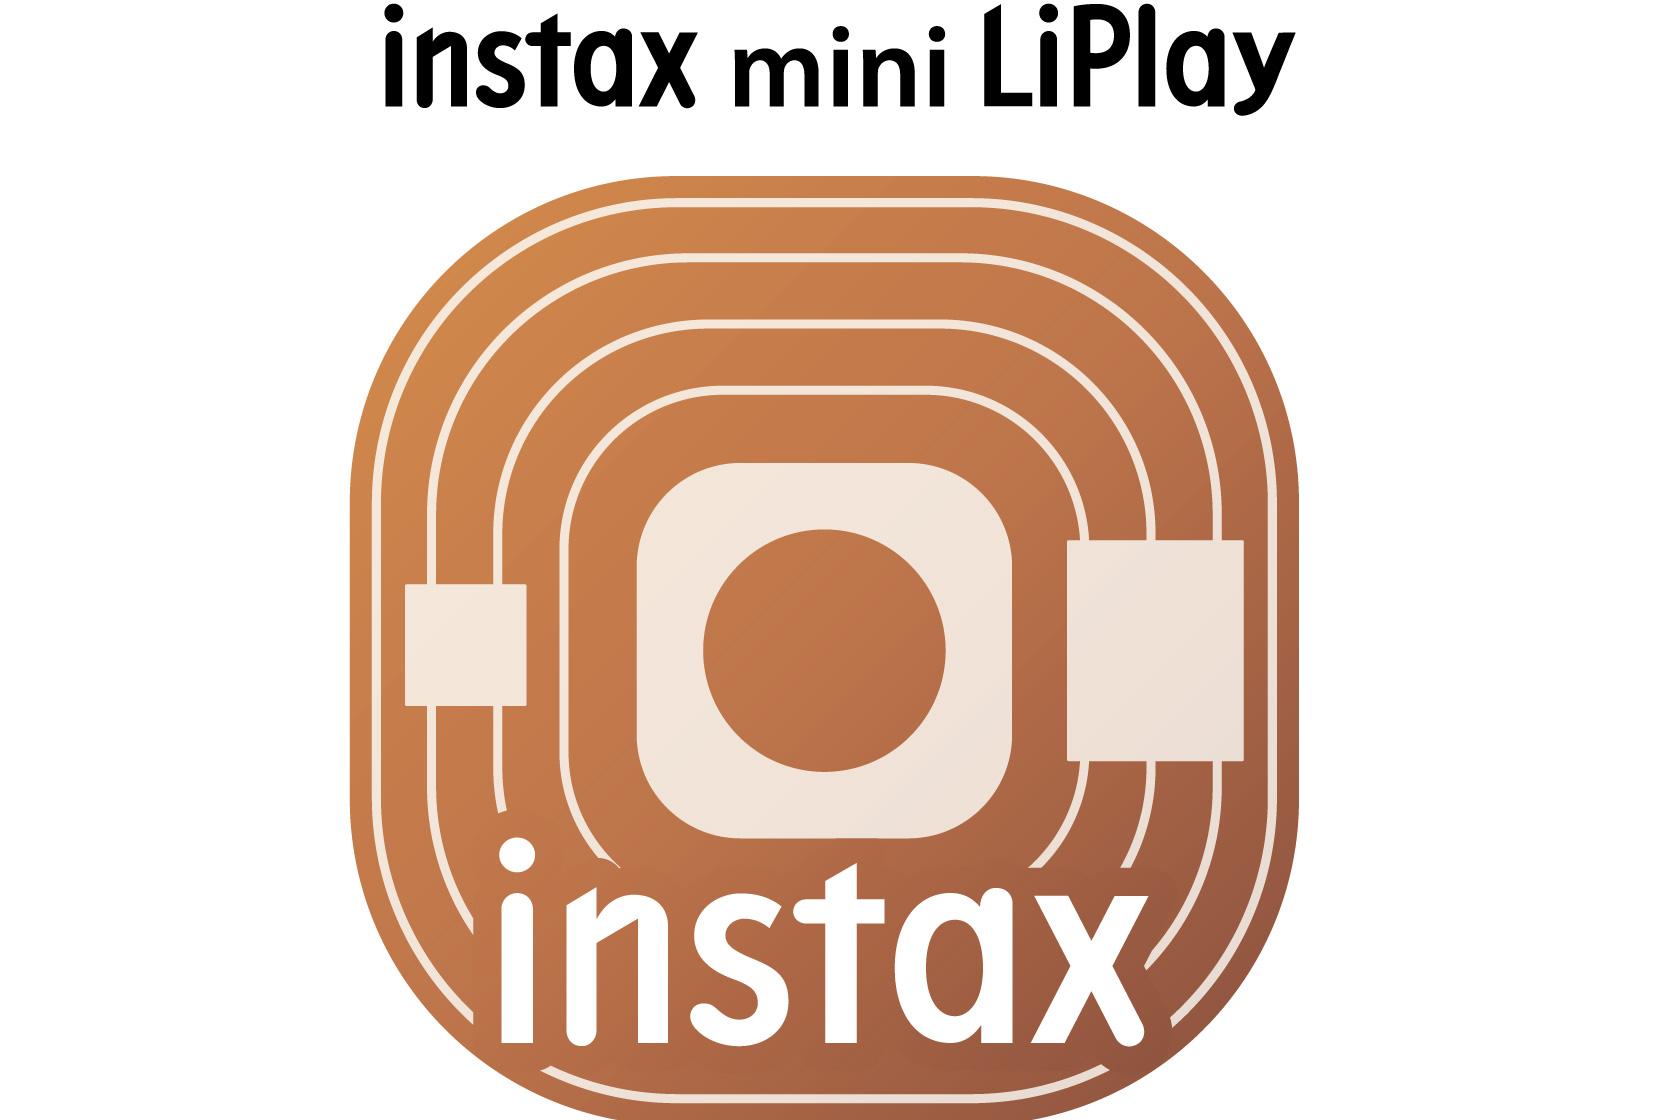 INSTAX mini LiPlay icon